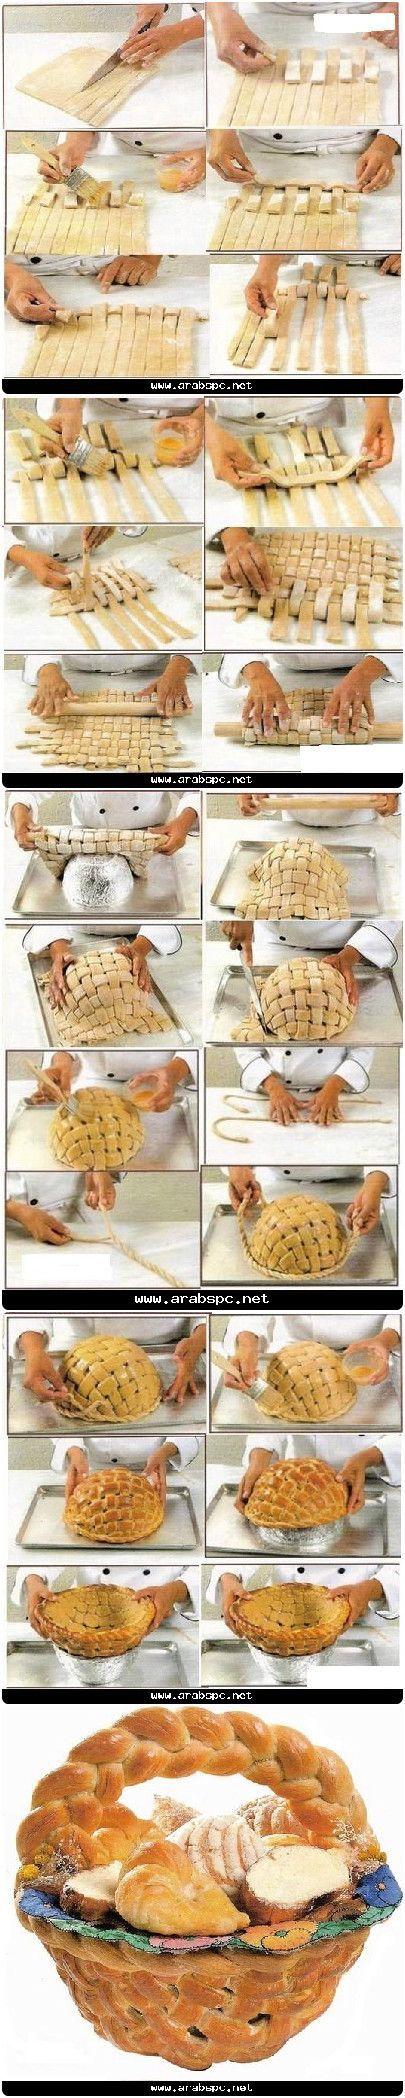 Cesto di pane al forno, completamente commestibile [P]